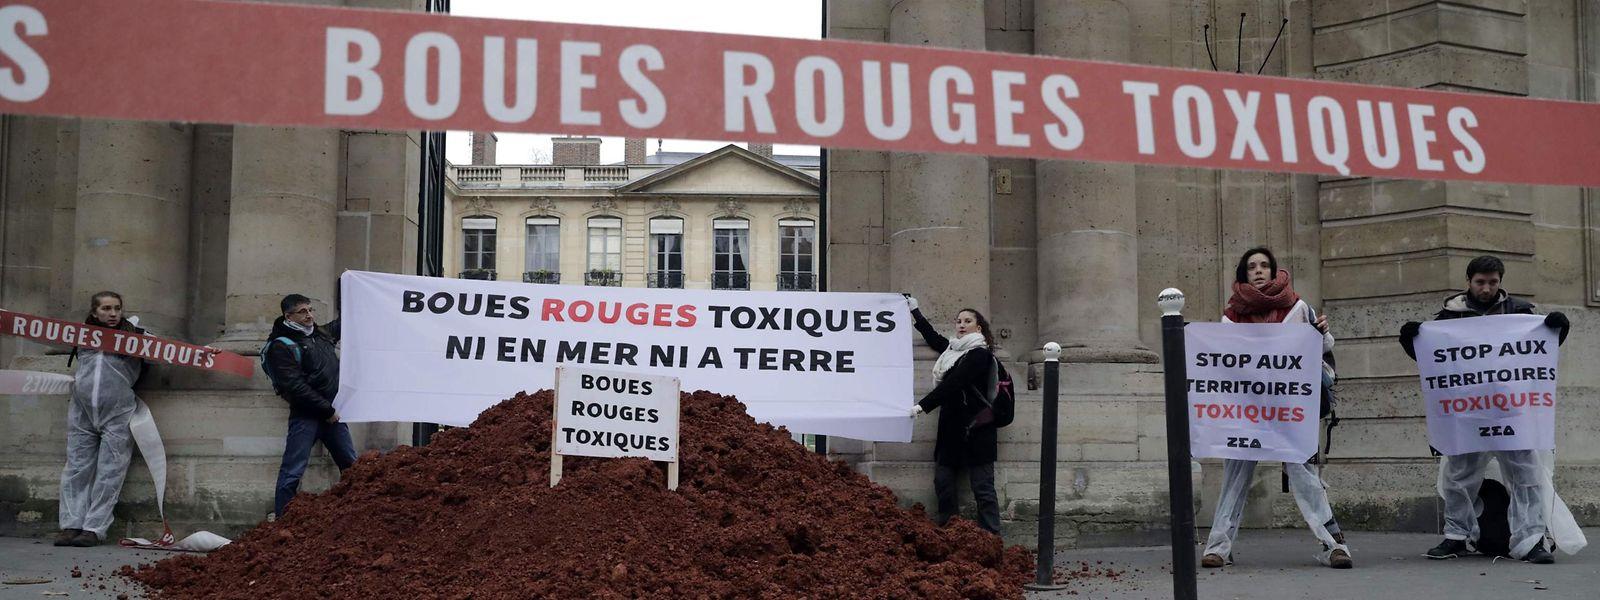 Des militants de l'association de protection de l'océan ZEA ont déversé des «boues rouges» de l'usine Alteo de Gardanne devant le ministère de l'écologie.